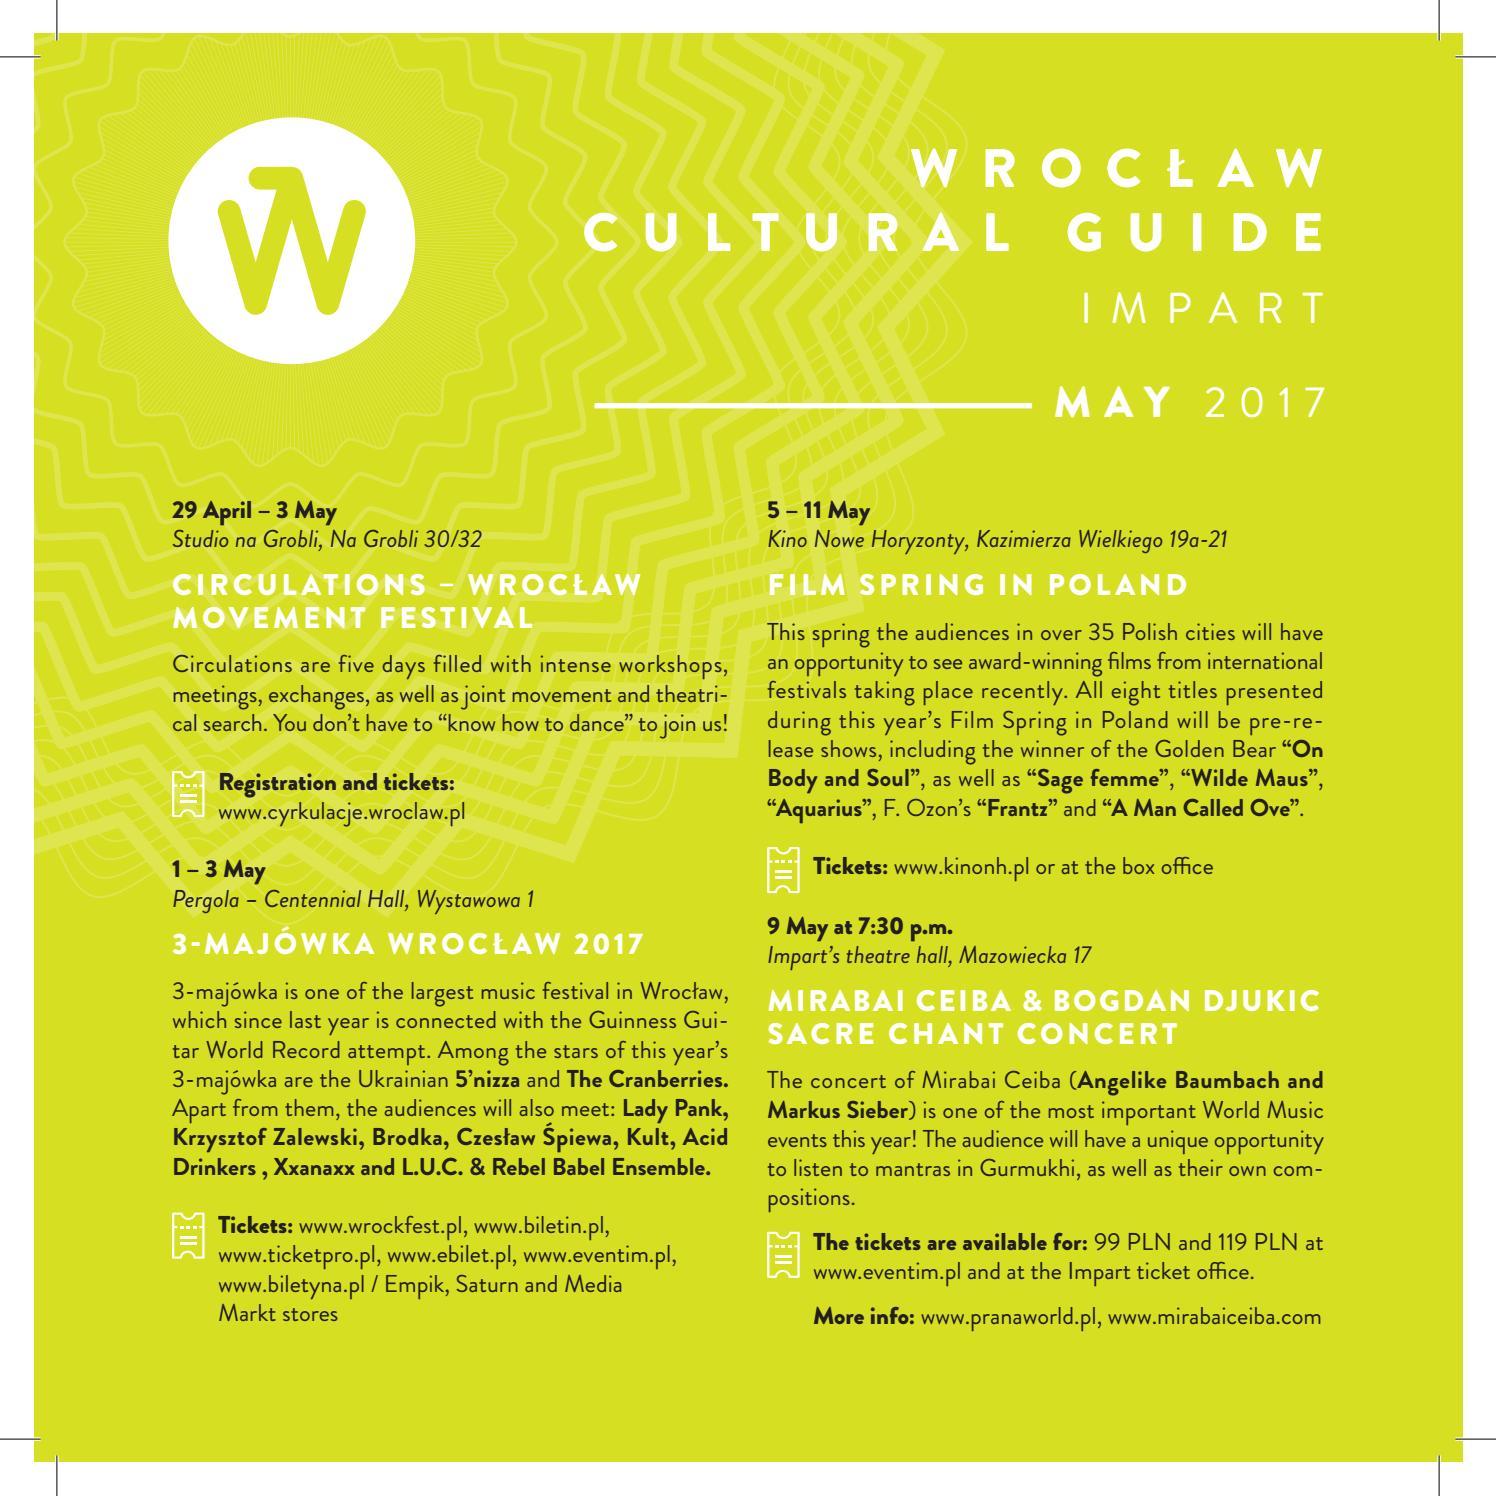 Wroclaw Cultural Guide Impart - may 2017 by Wrocław 2016 - issuu